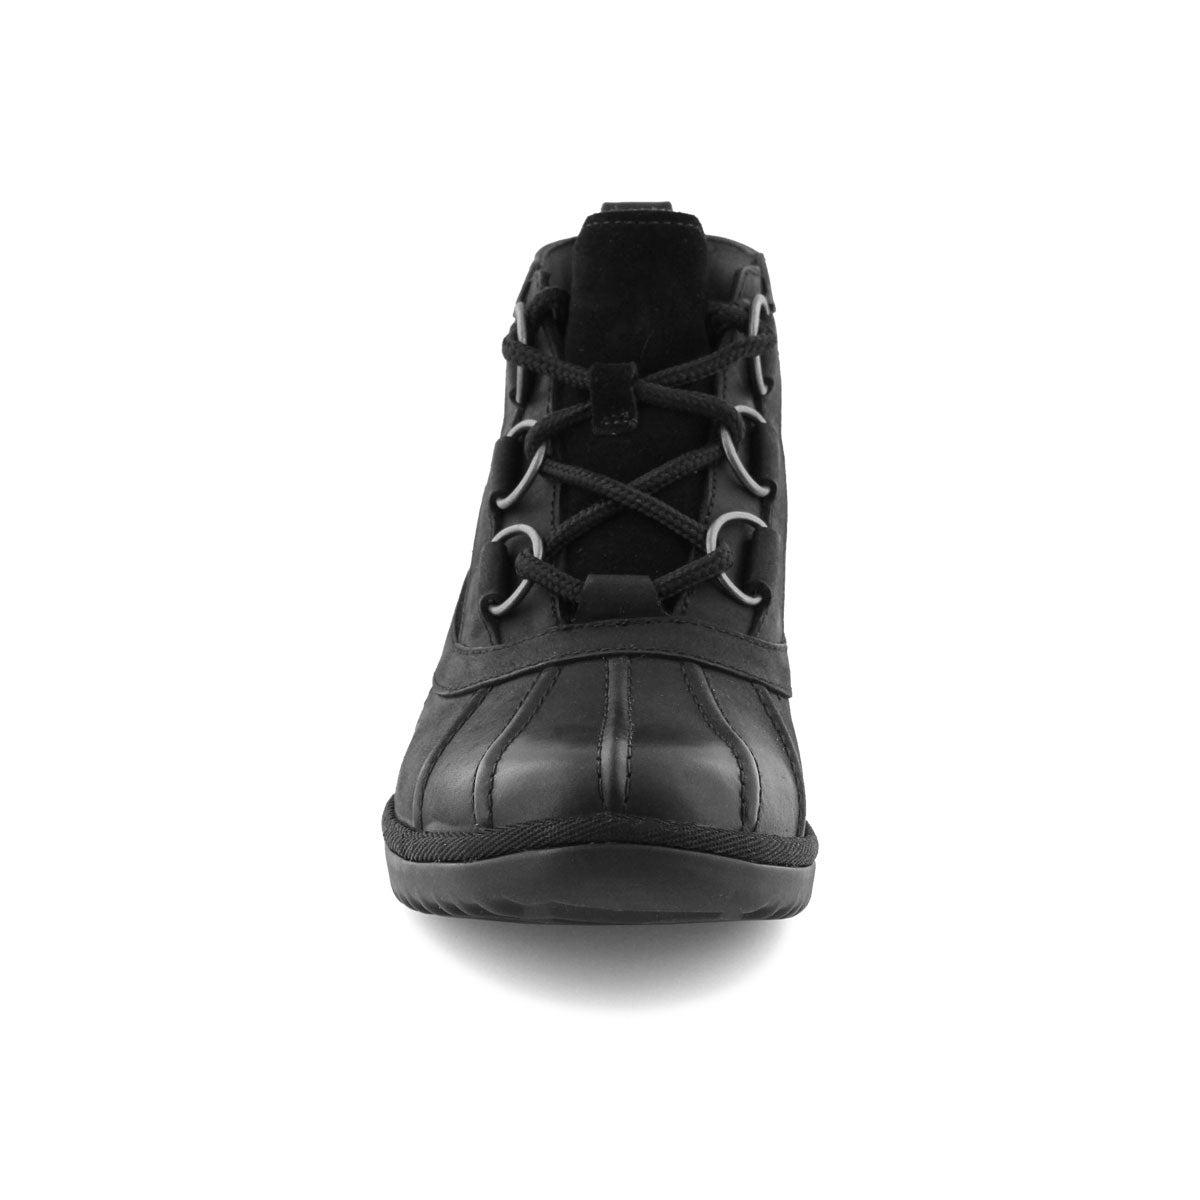 Chaussure à lacets imperméable HEATHER noire femme